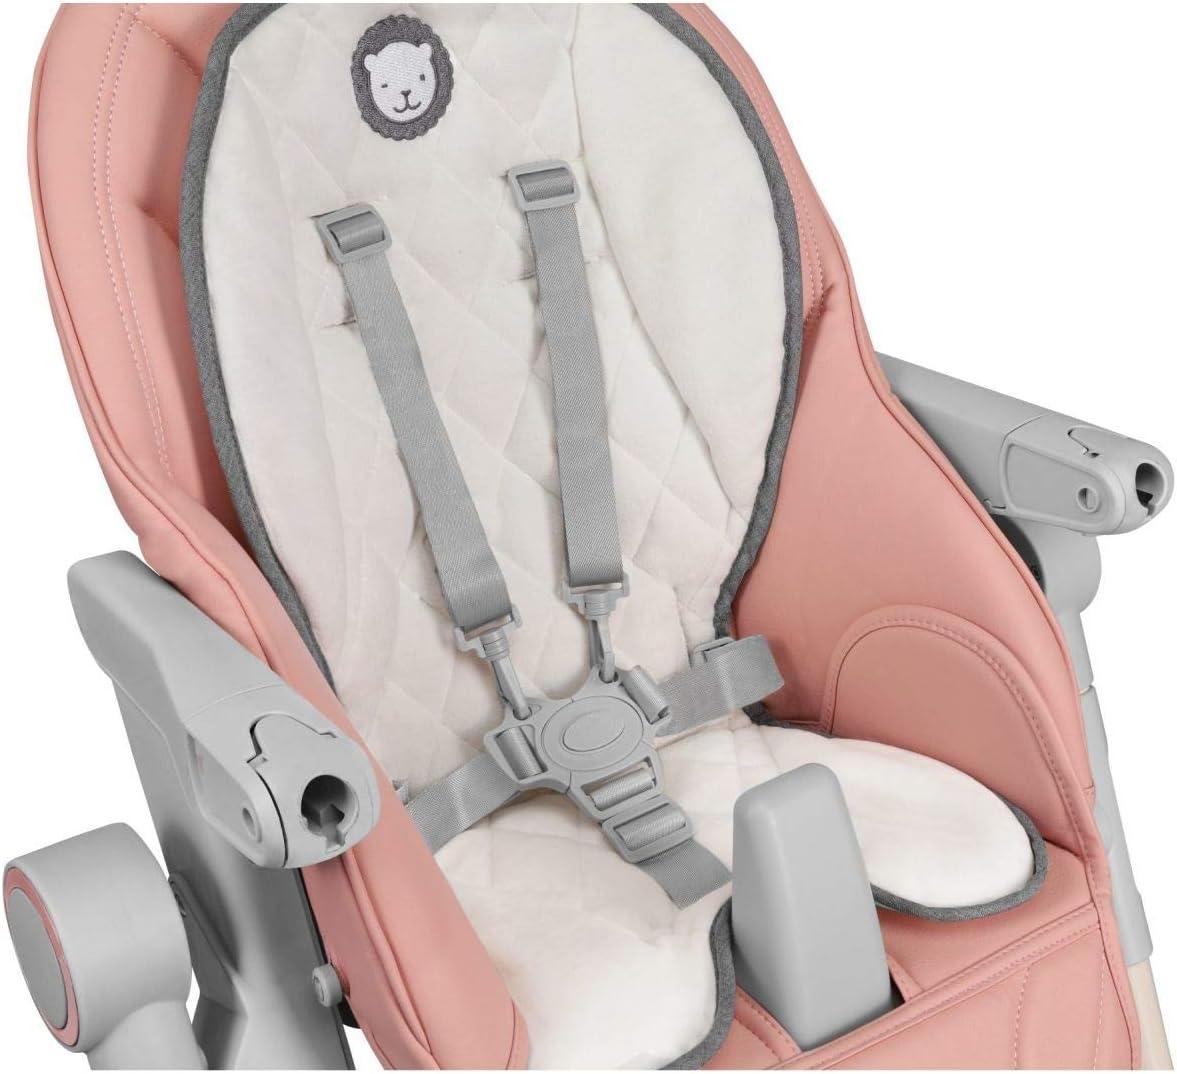 Lionelo Cora Chaise haute r/églable en hauteur avec dossier r/églable pour enfant Rose 15 kg